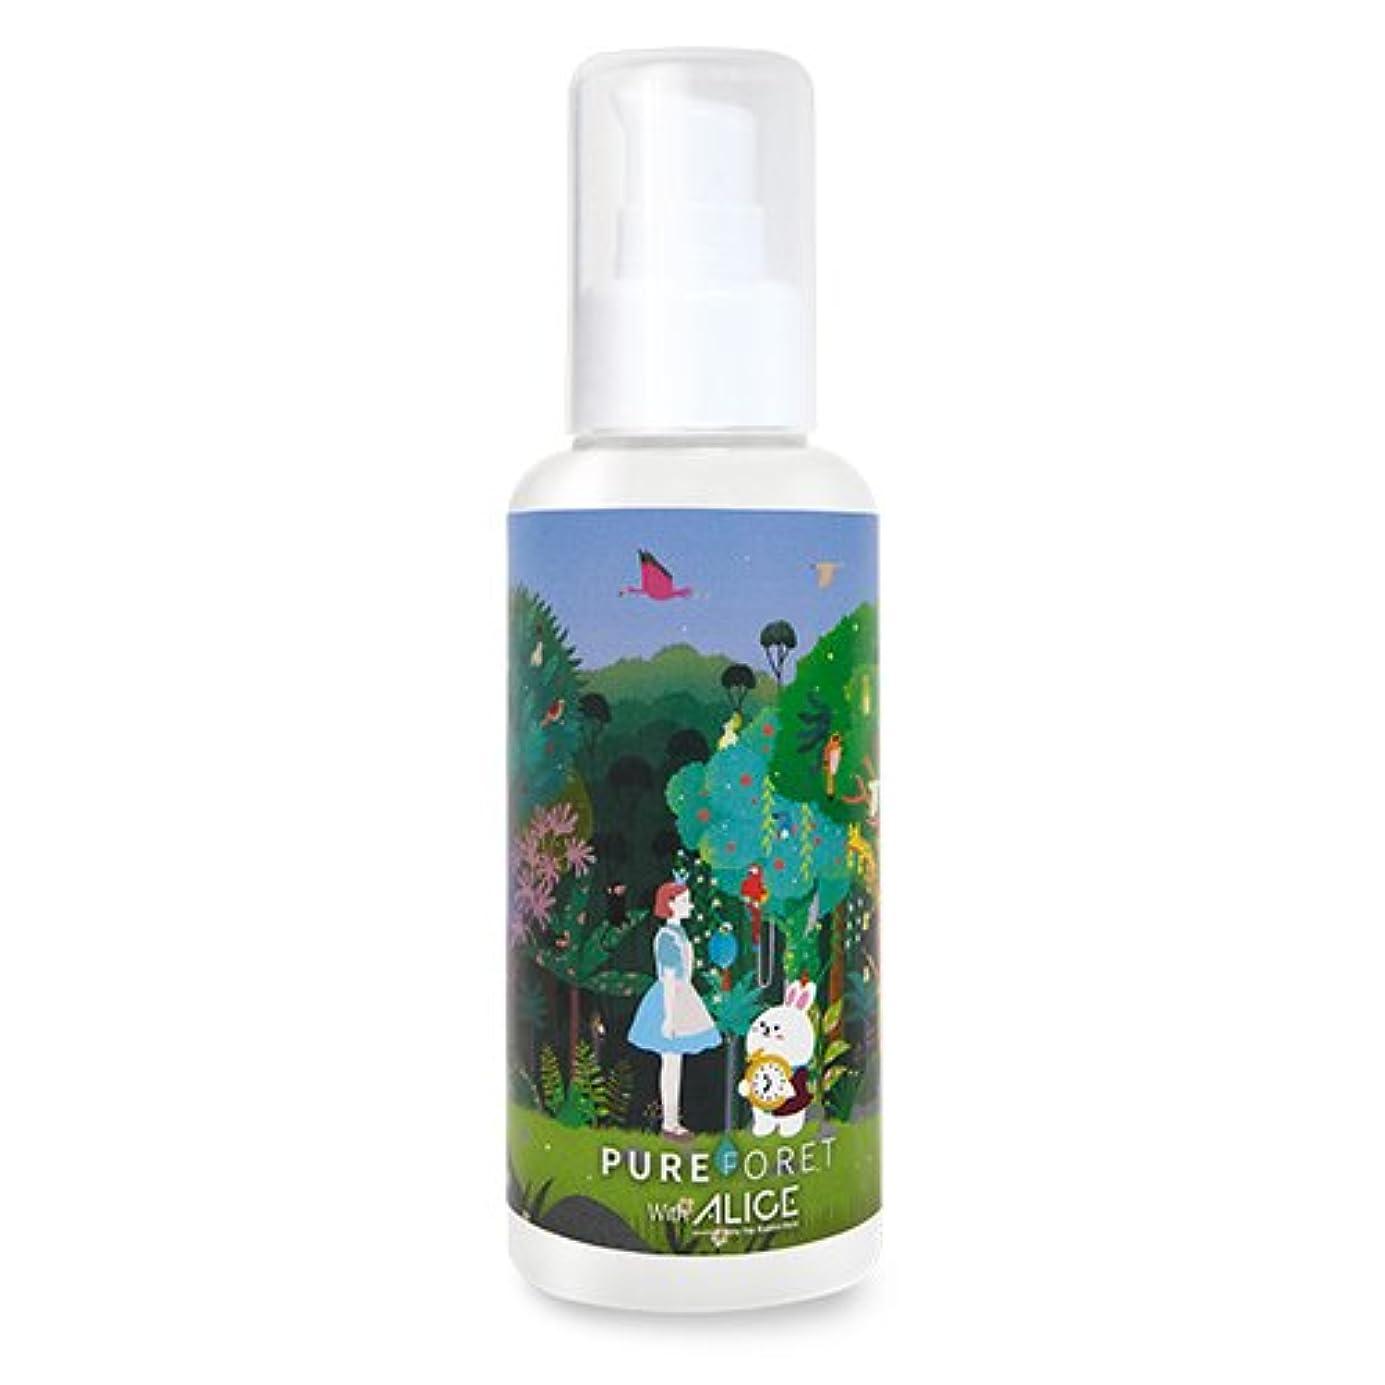 ミシン目ガジュマルキネマティクス韓国産 Pureforet x Alice スキンリペア ハイドレーティング スキン 化粧水 (150ml)